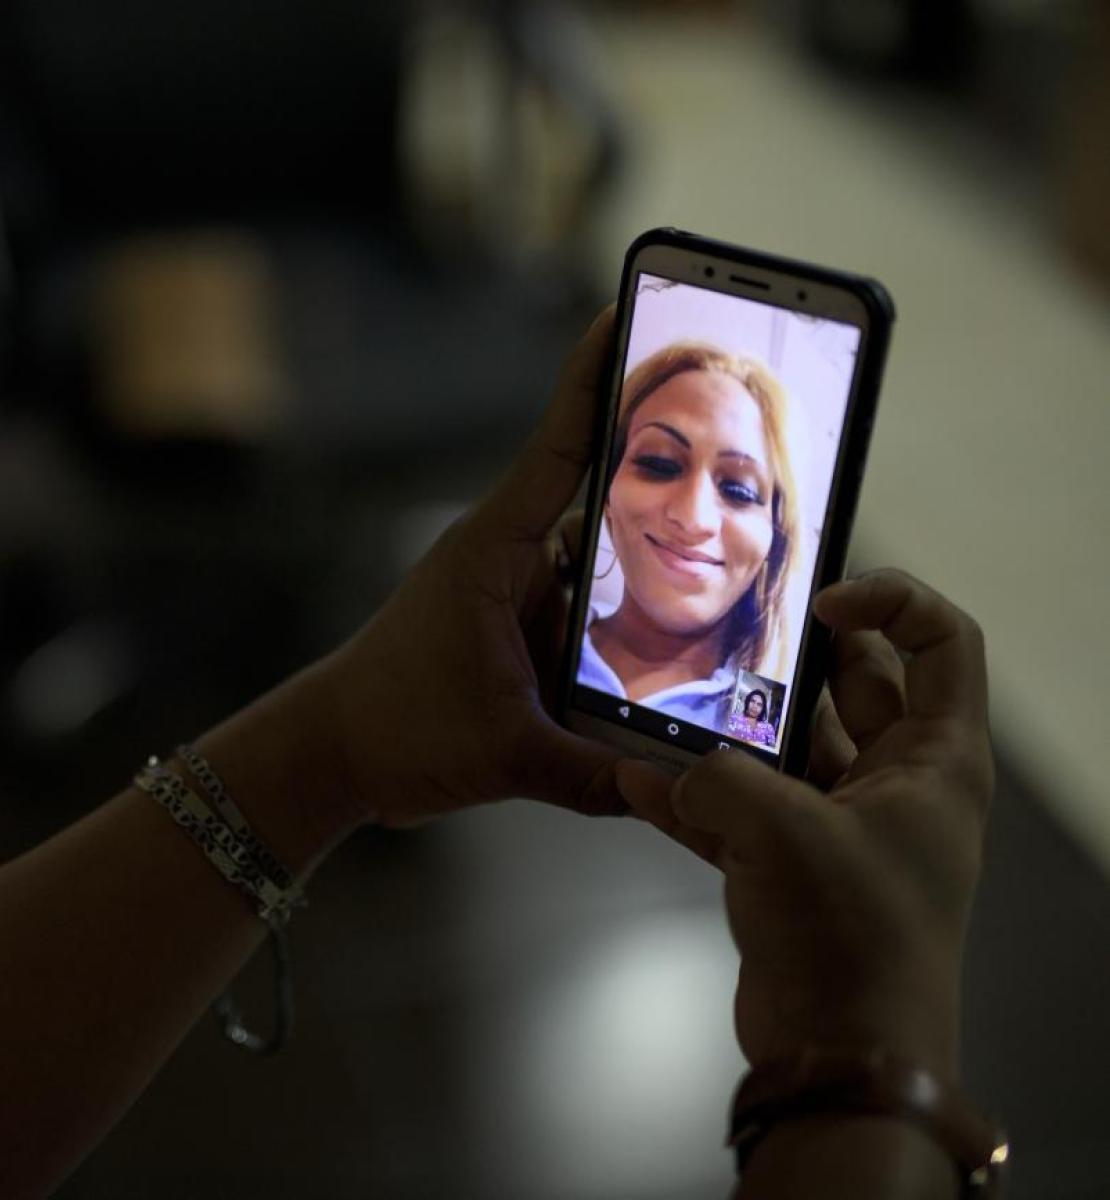 Una imagen de la mano de una persona sosteniendo un teléfono móvil, en el cual aparece la imagen de otra persona, en vio y directo.